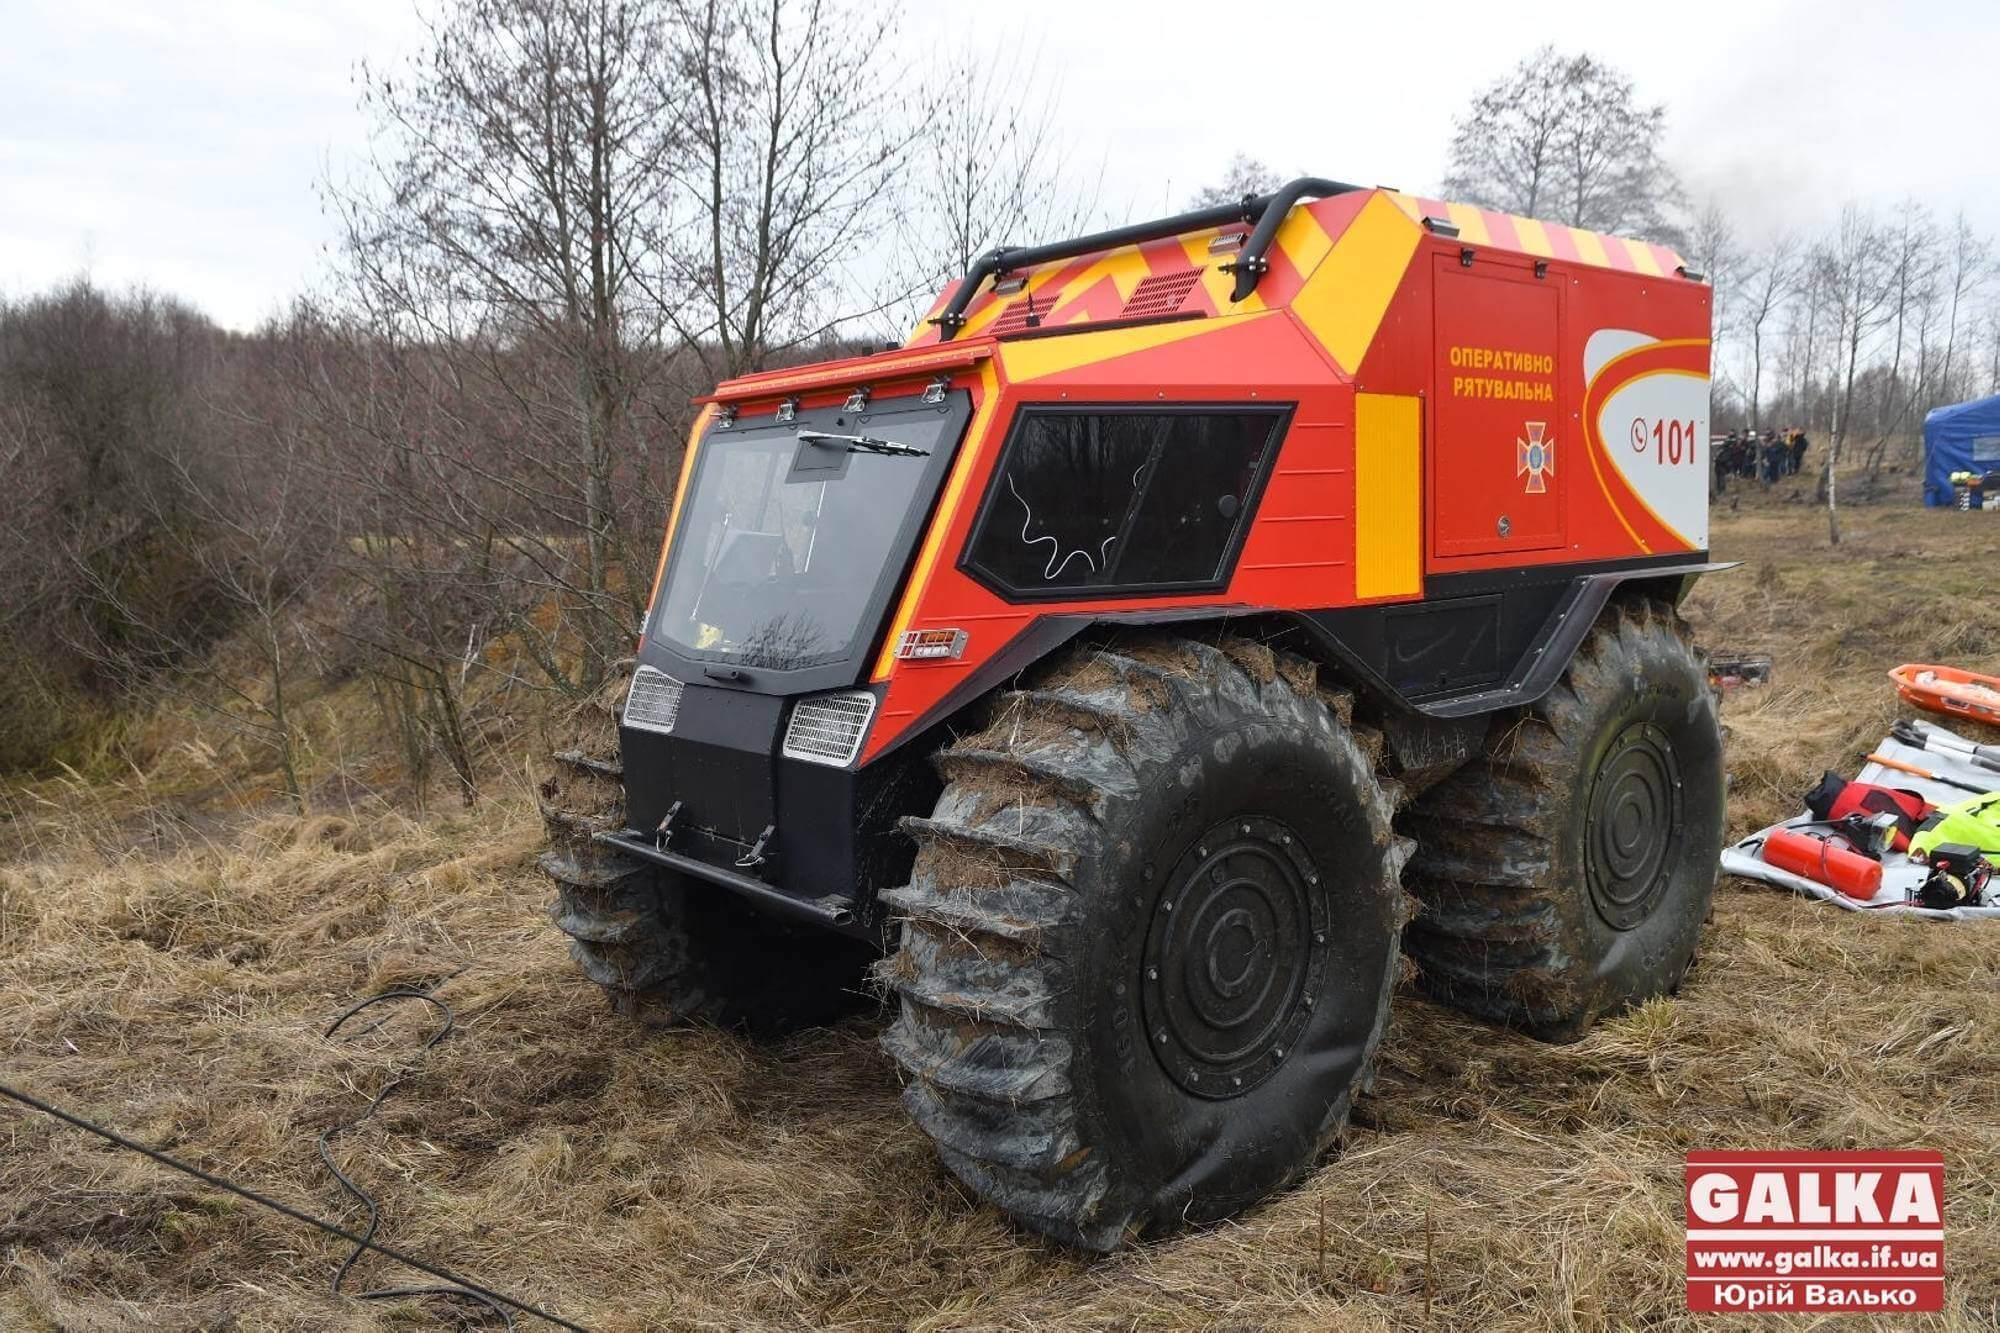 Прикарпатські рятувальники показали, як працюють новітні снігоболотоходи (ФОТО, ВІДЕО)